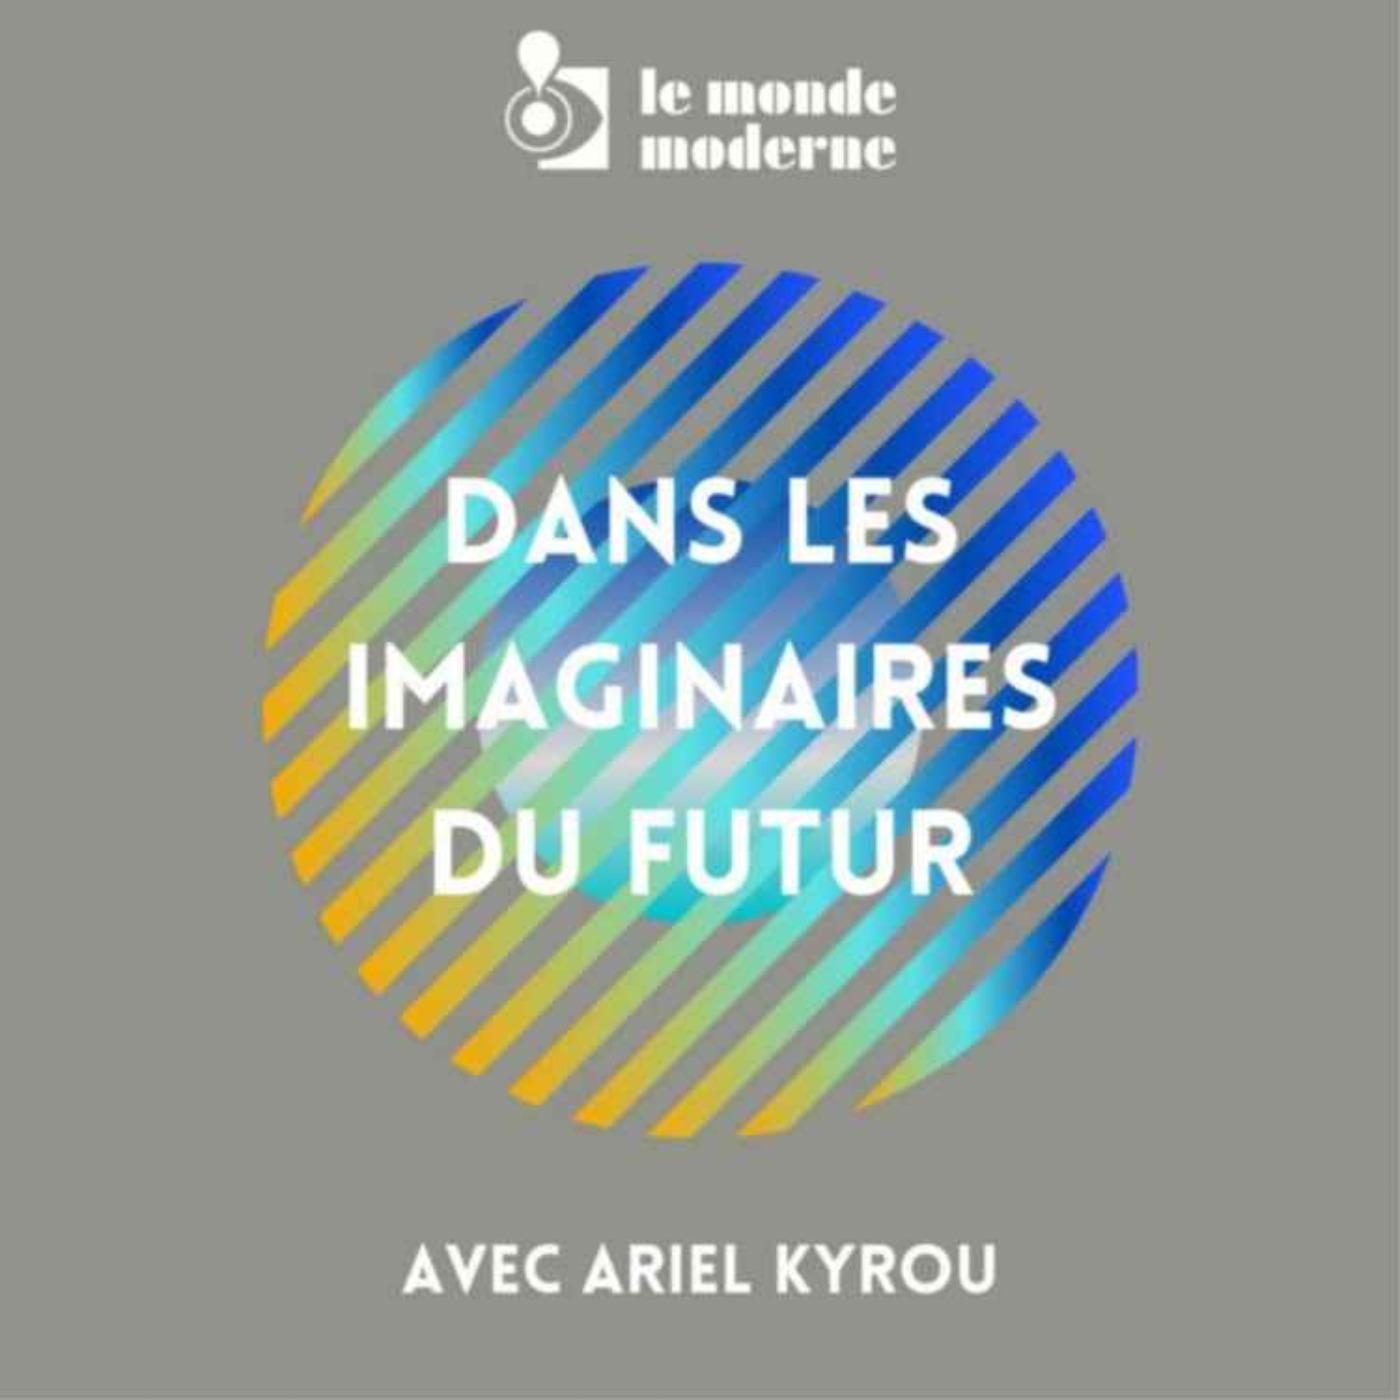 Dans les imaginaires du futur - 2e voyage